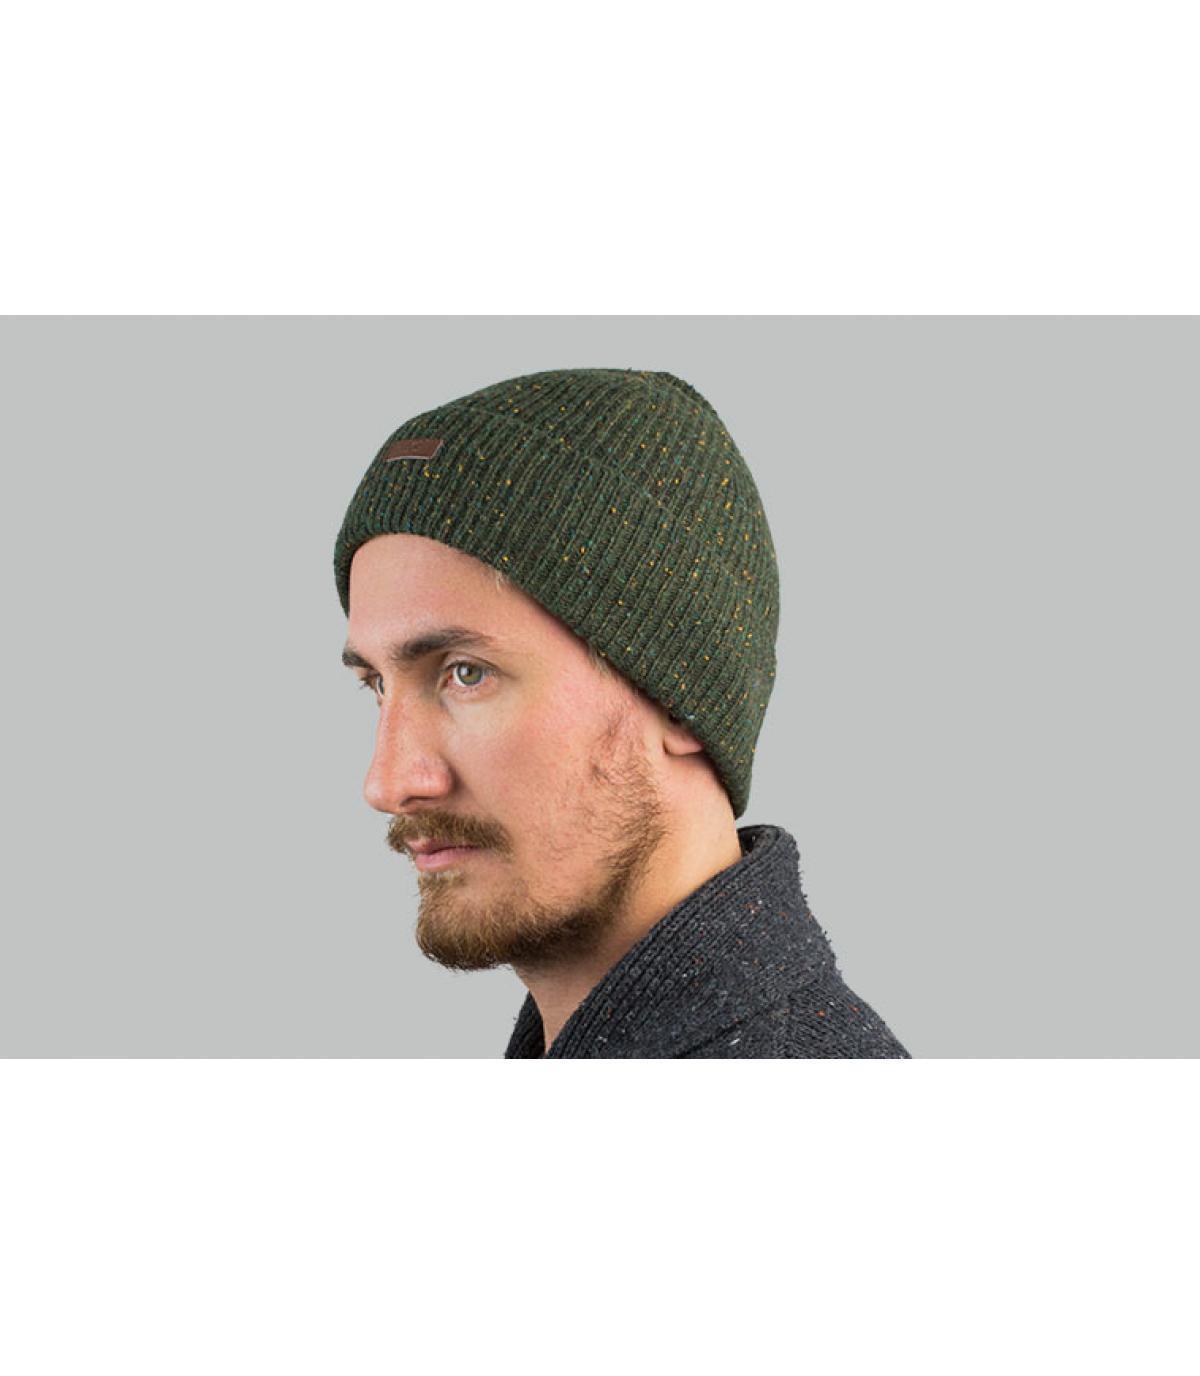 Mütze mit Rand grün meliert